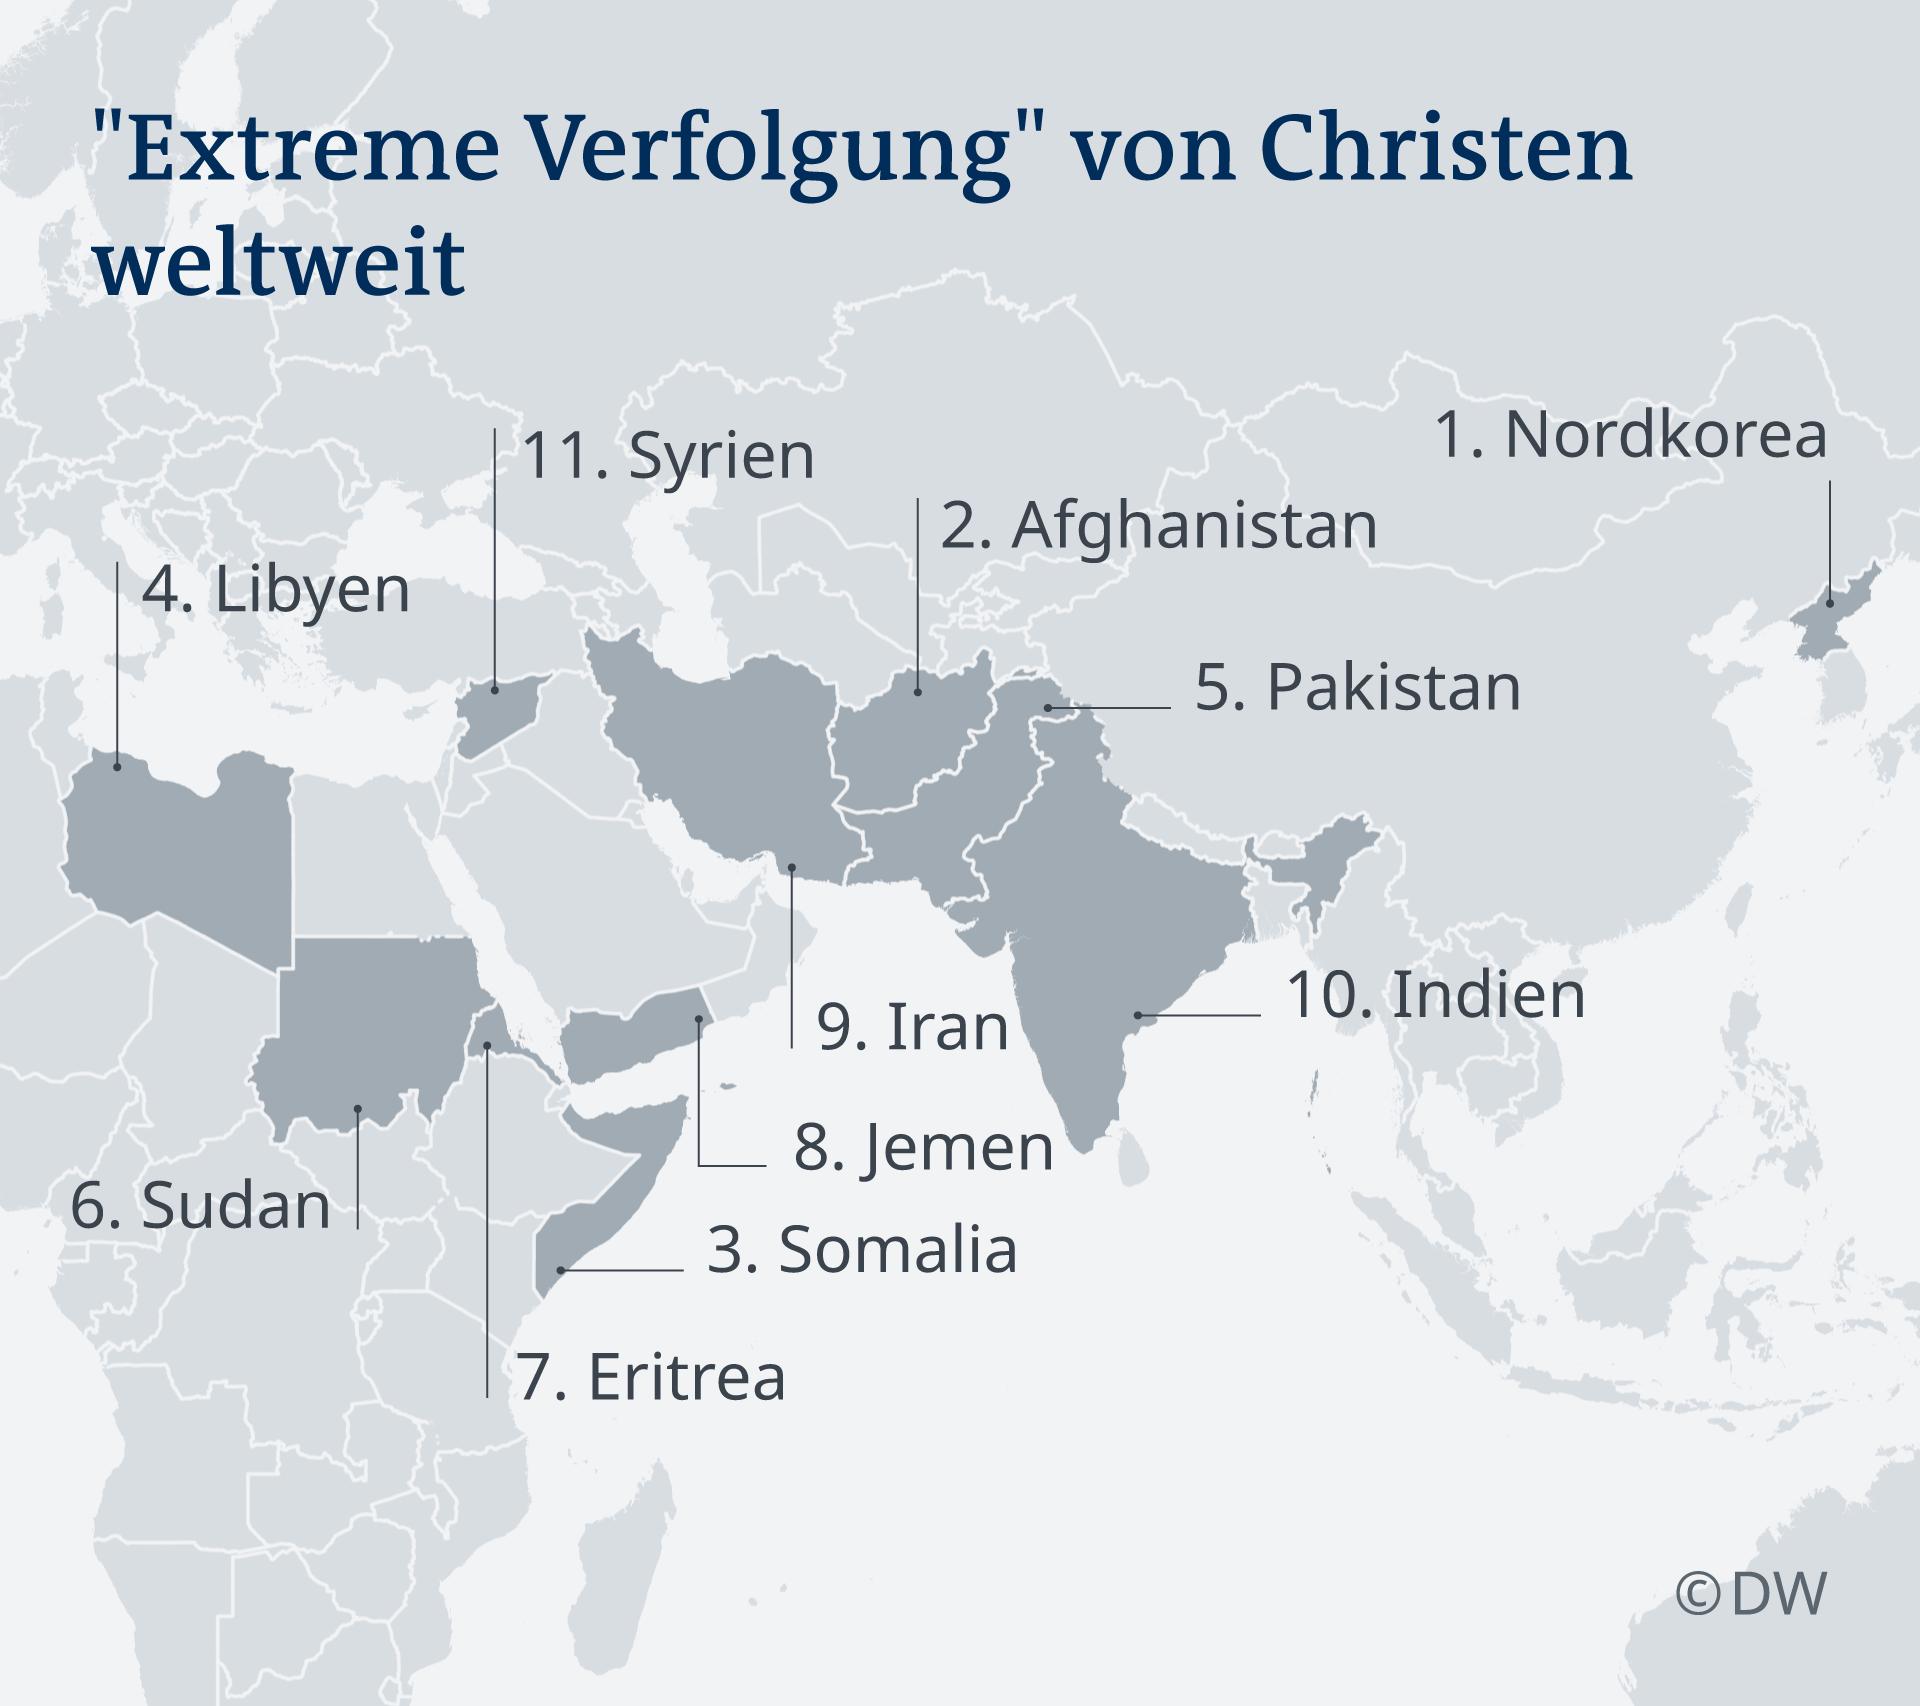 Studie Gewalt Gegen Christen Nimmt Weltweit Zu Welt Dw 16012019